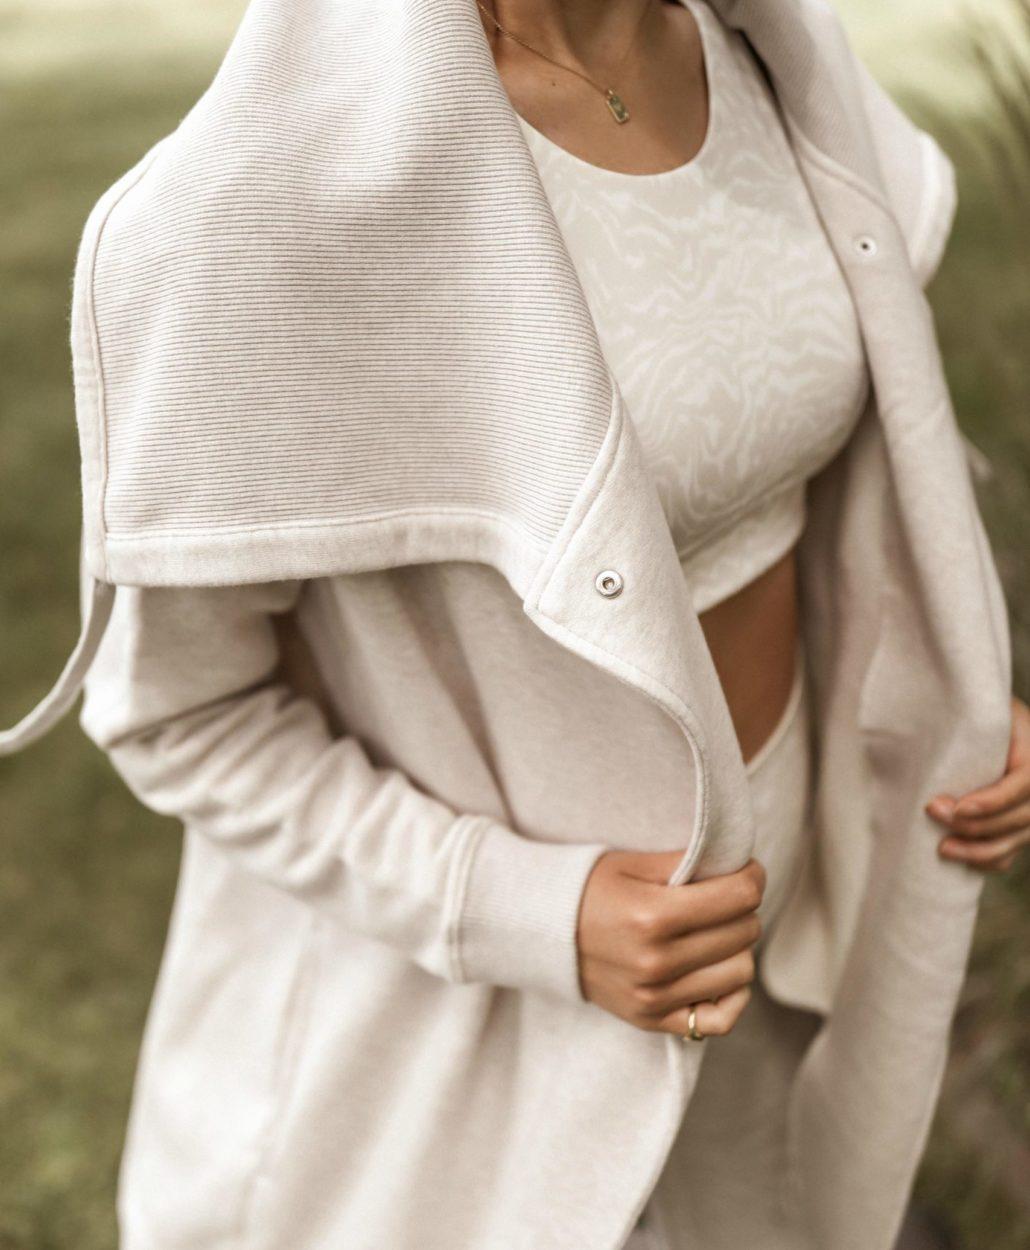 Zella Activewear Review